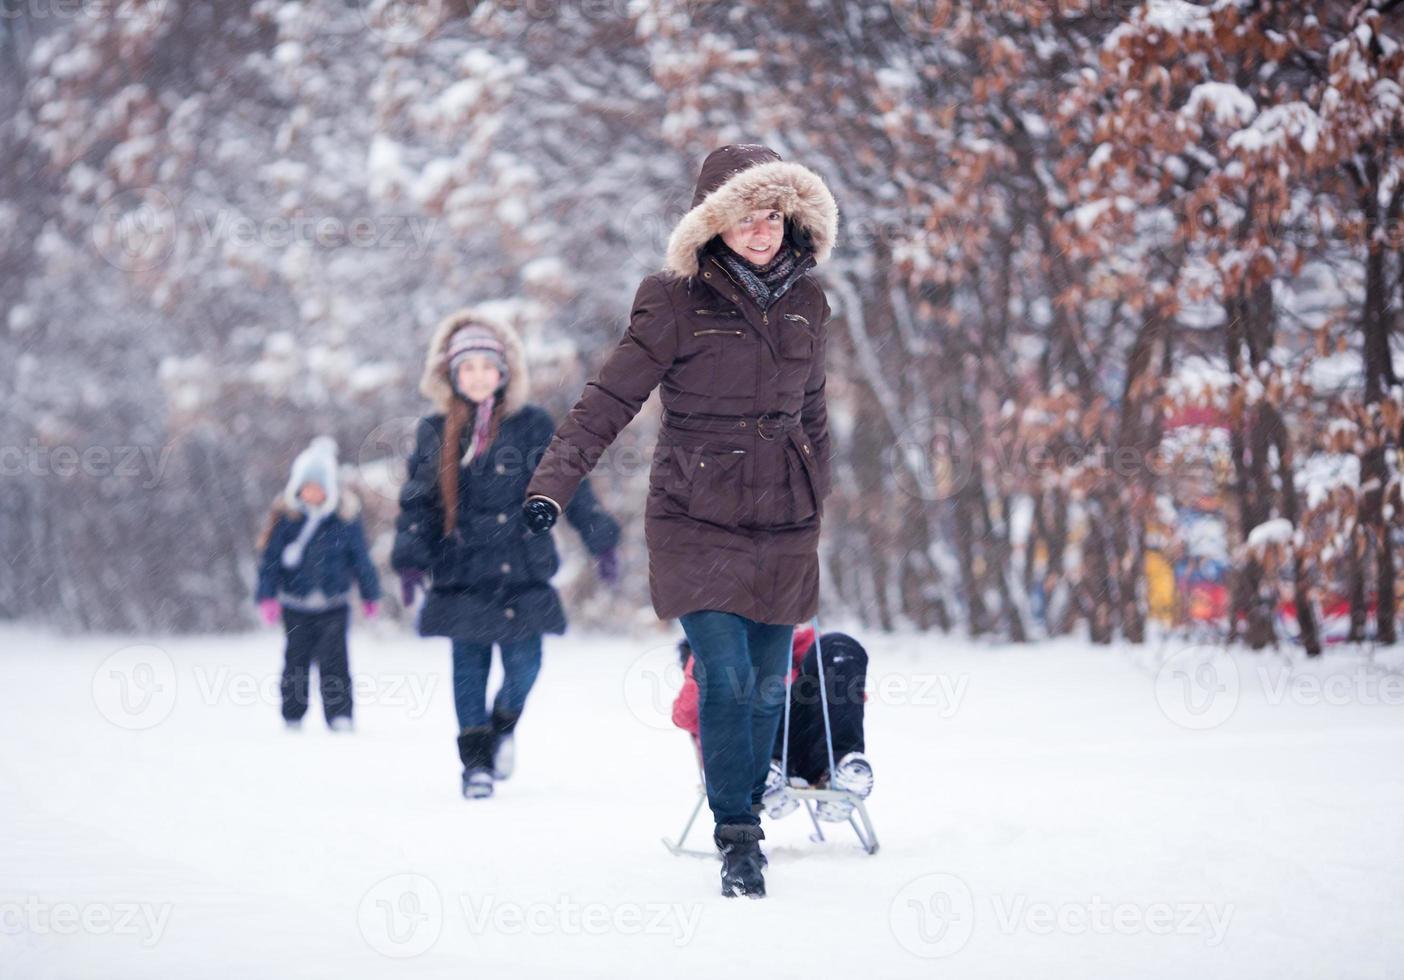 plaisir de la neige en famille photo